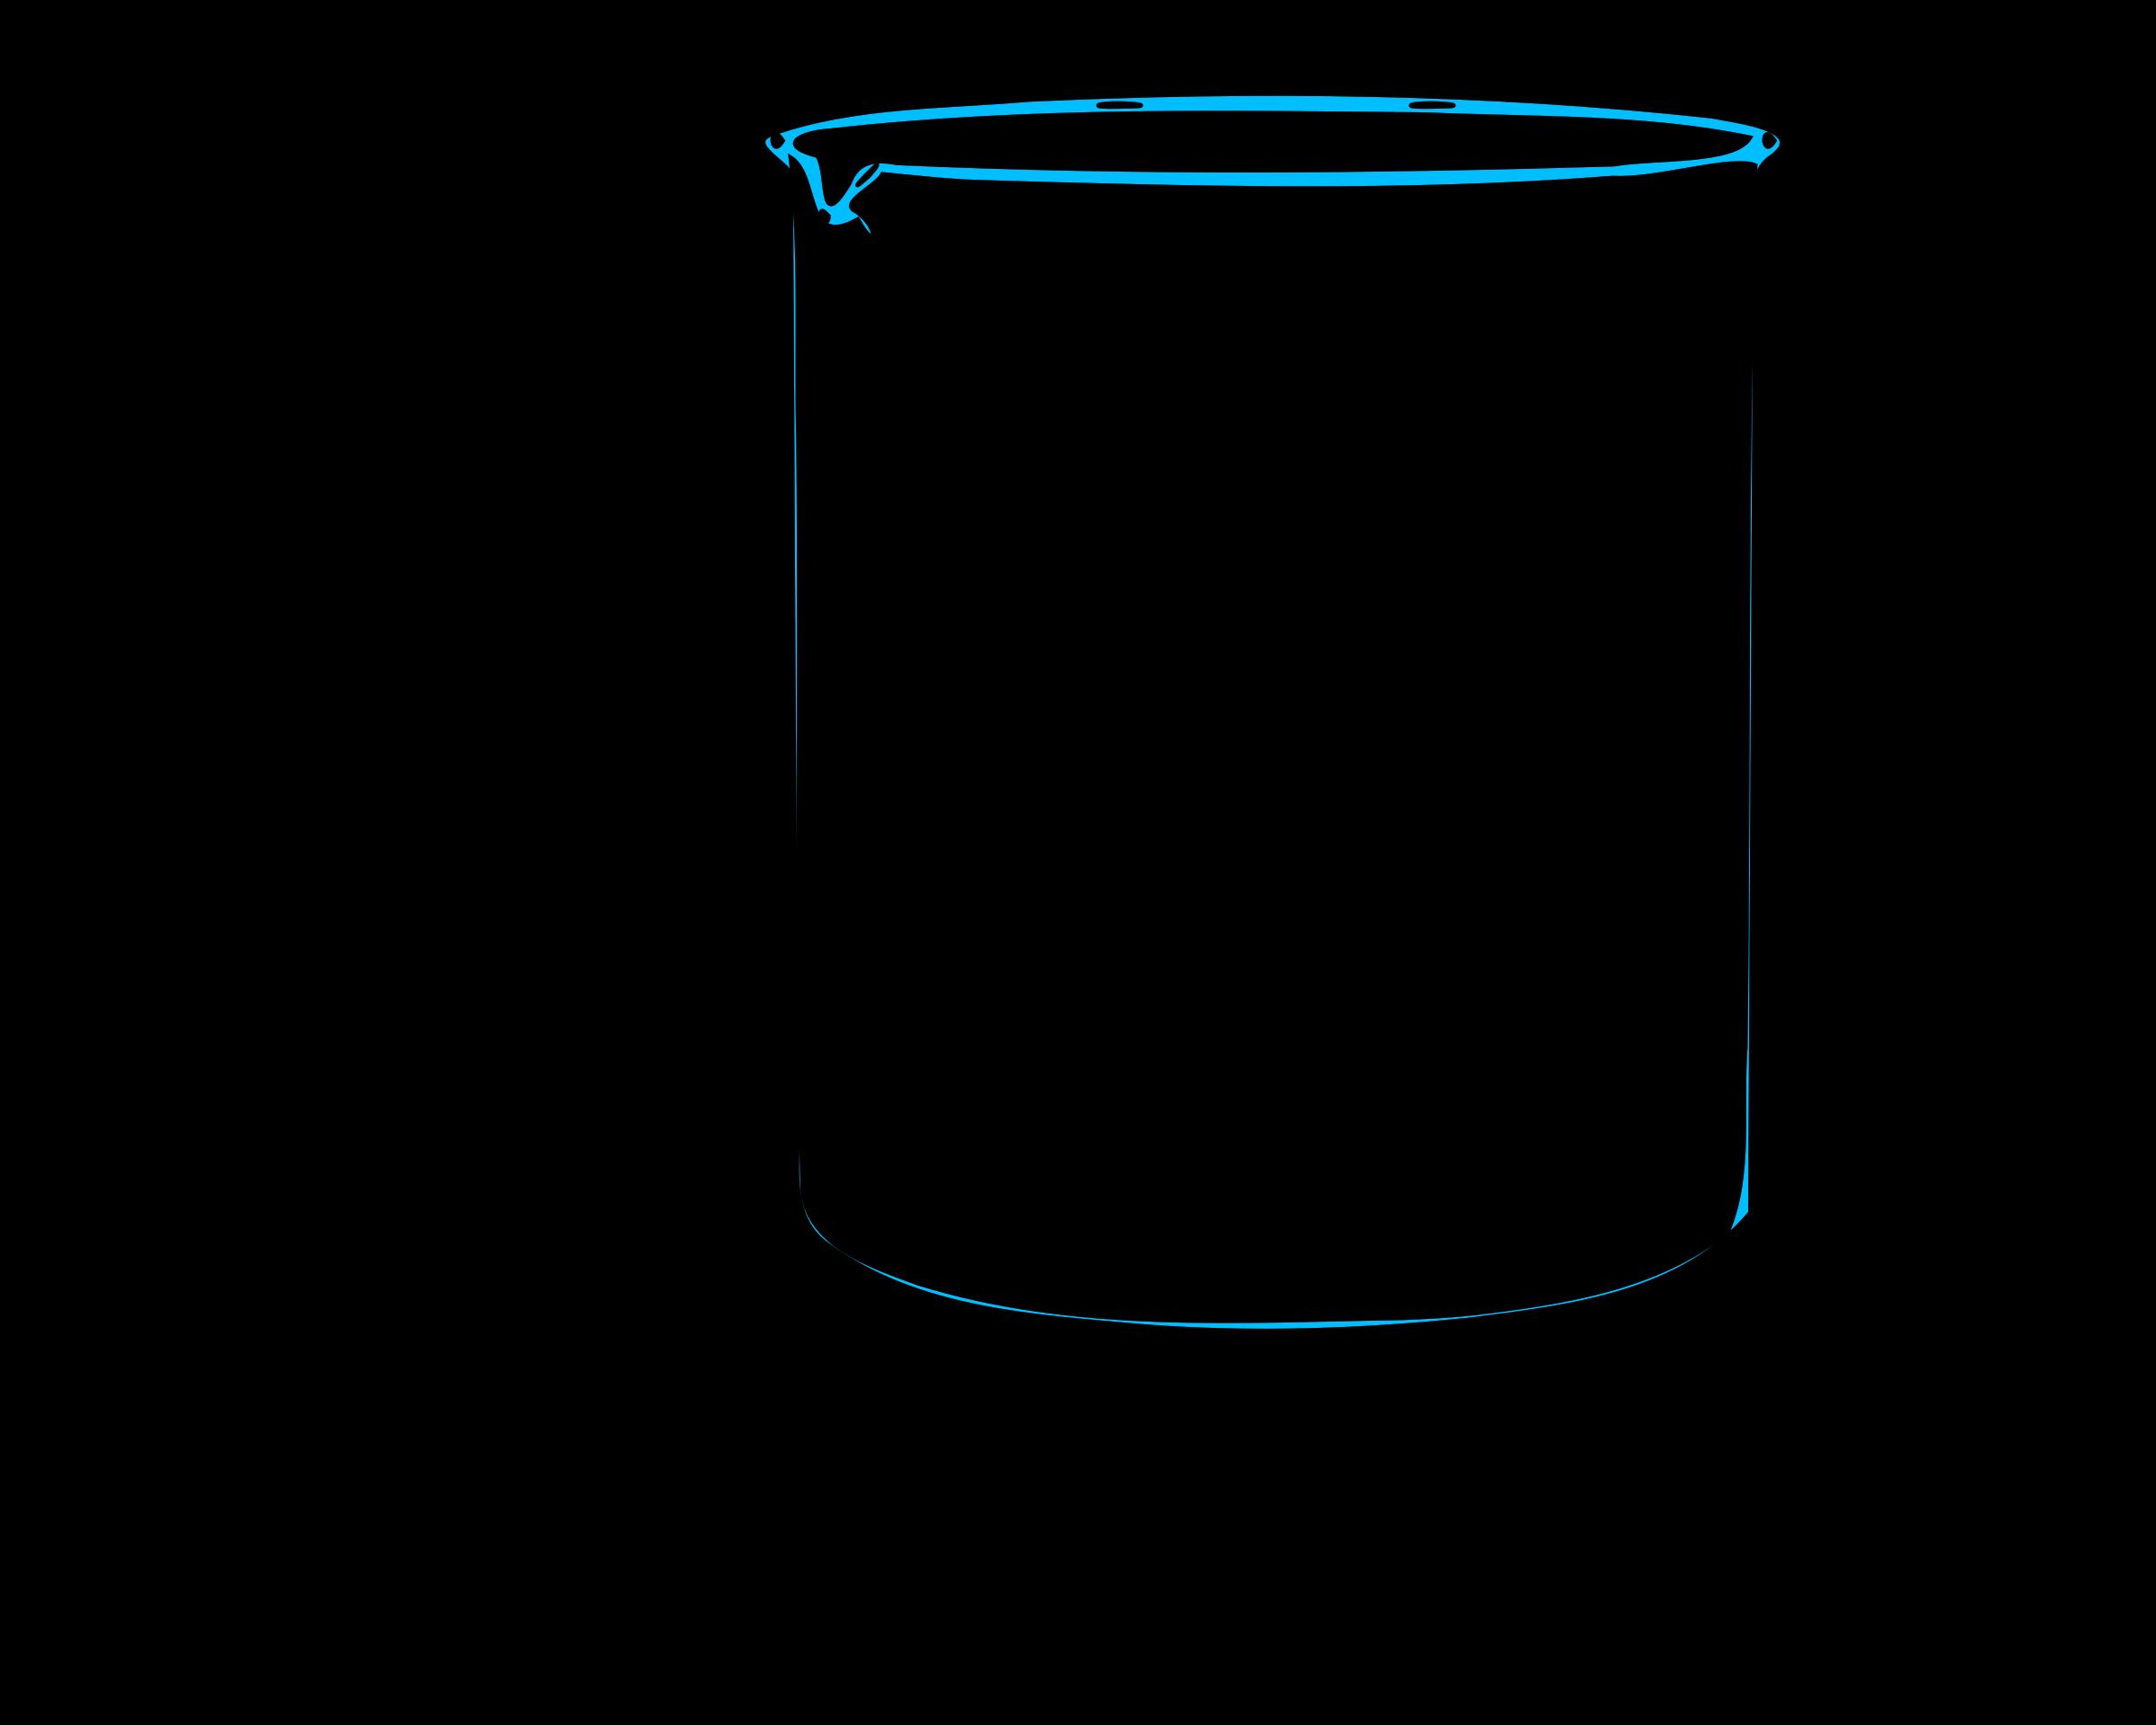 Clipart - Beaker